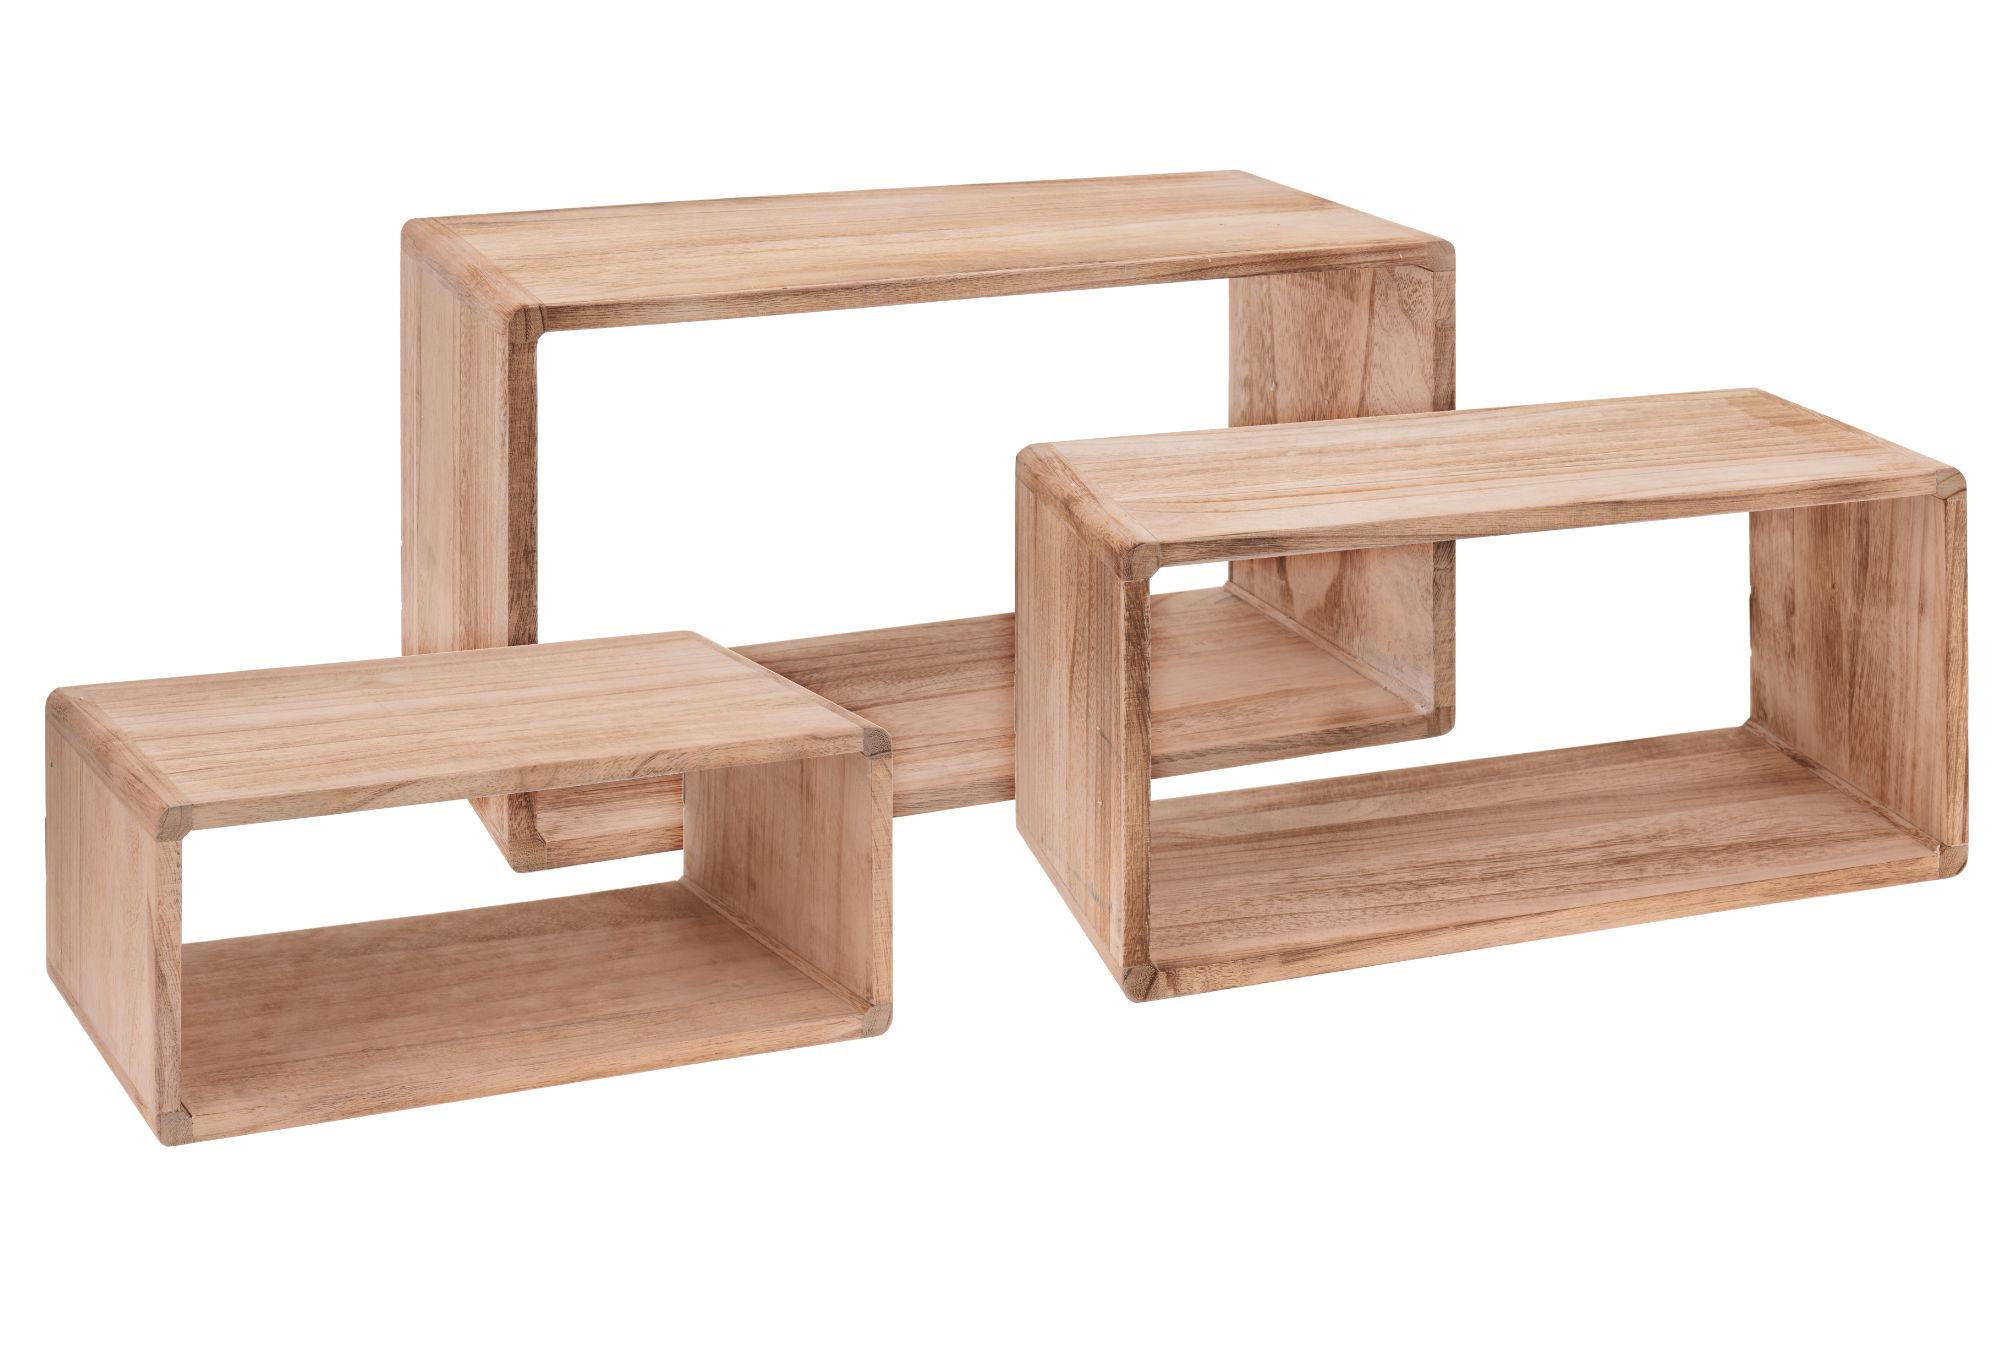 wandregal rechteck 3er set aus holz 45 40 35 cm h ngeregal w rfel regal ebay. Black Bedroom Furniture Sets. Home Design Ideas